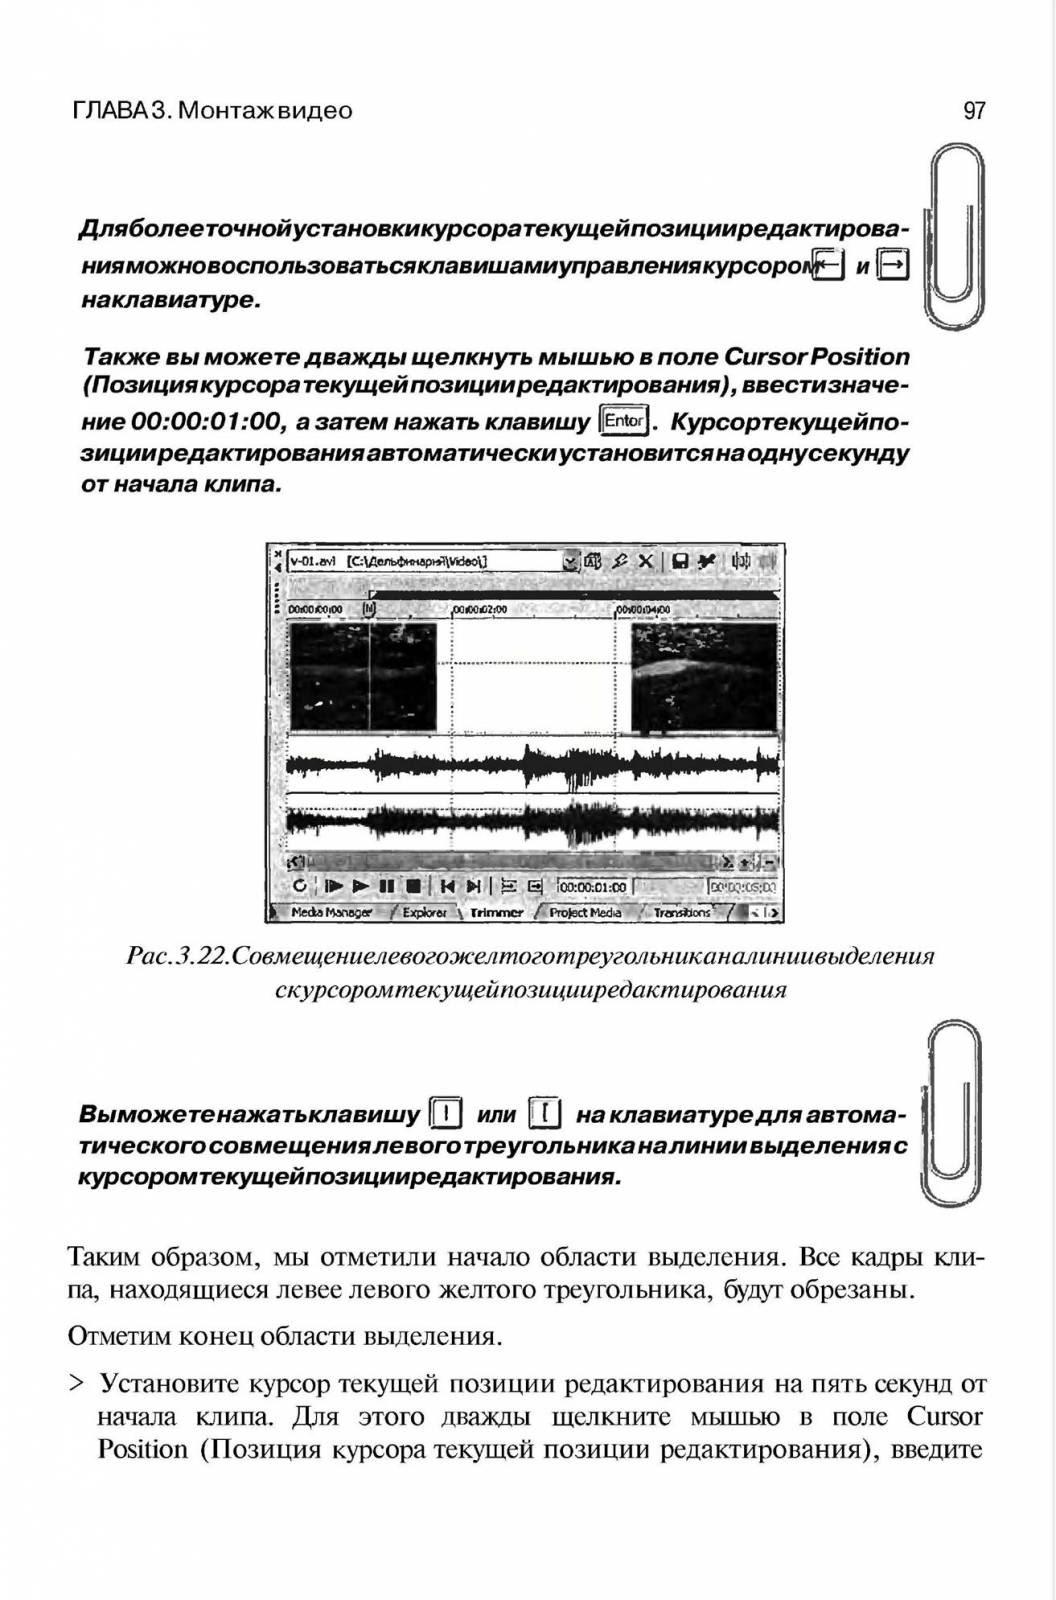 http://redaktori-uroki.3dn.ru/_ph/13/638631670.jpg